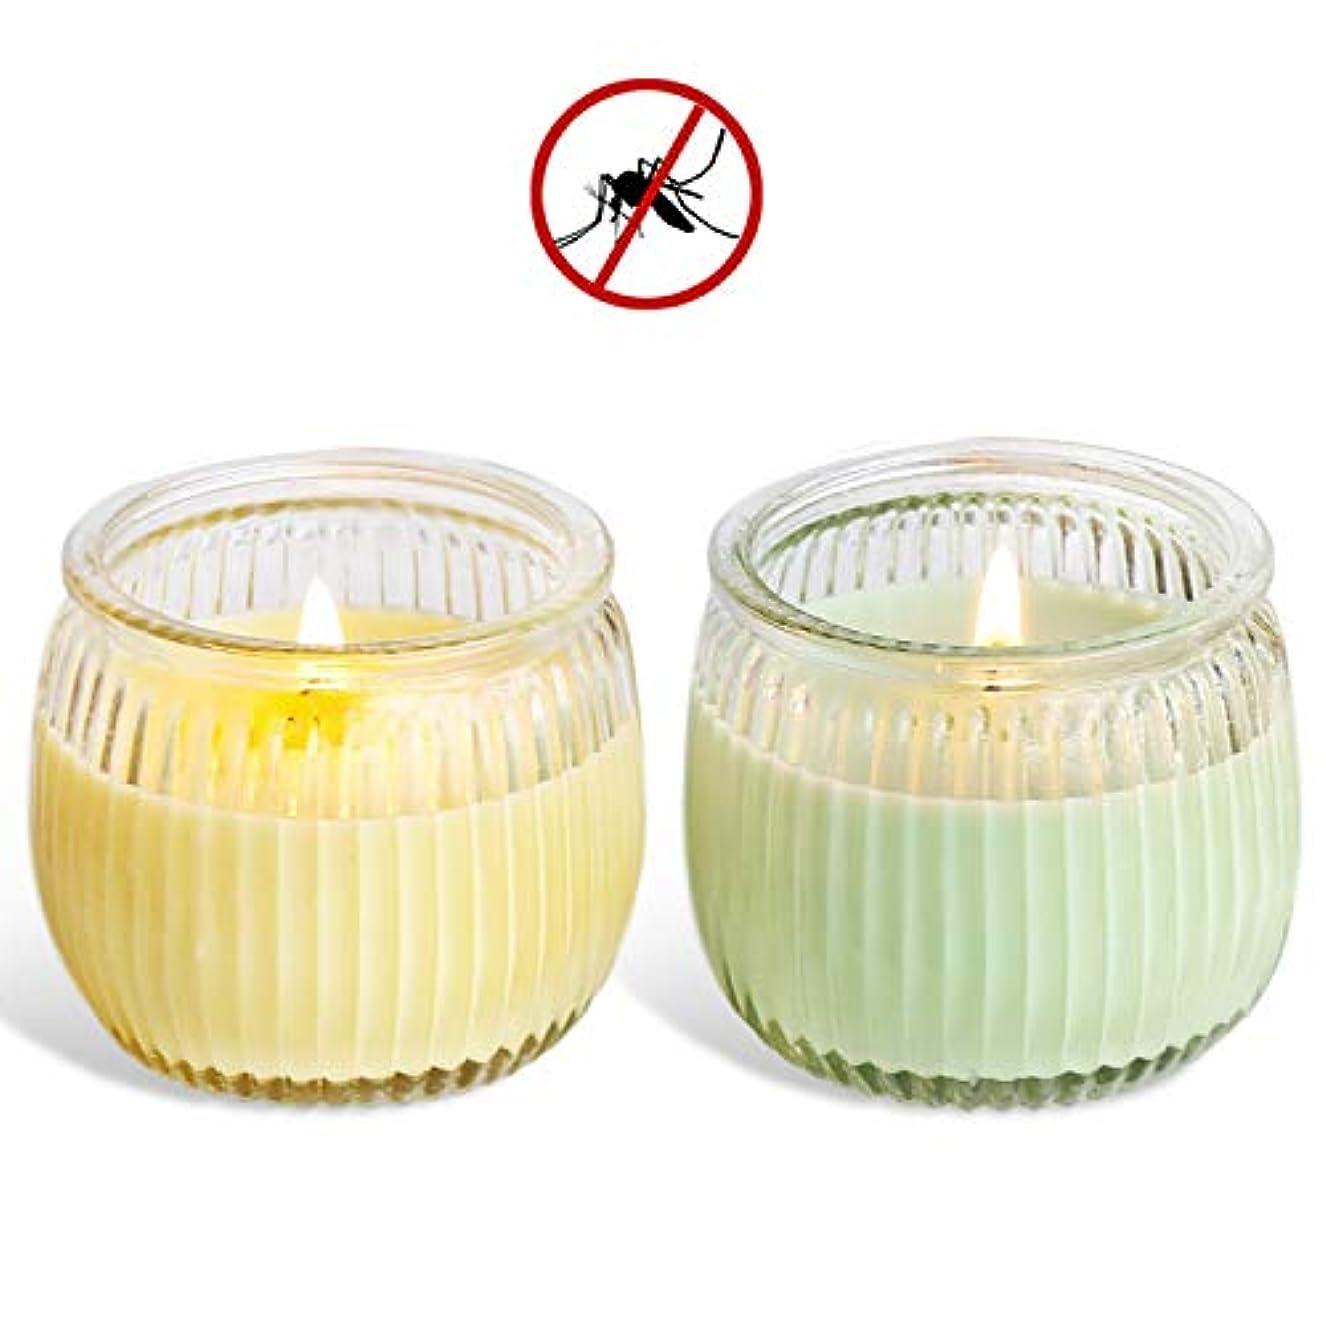 下る環境に優しい原告処置 スイカガラスカップの野菜大豆ワックスアロマキャンドルグリーンキャンドル